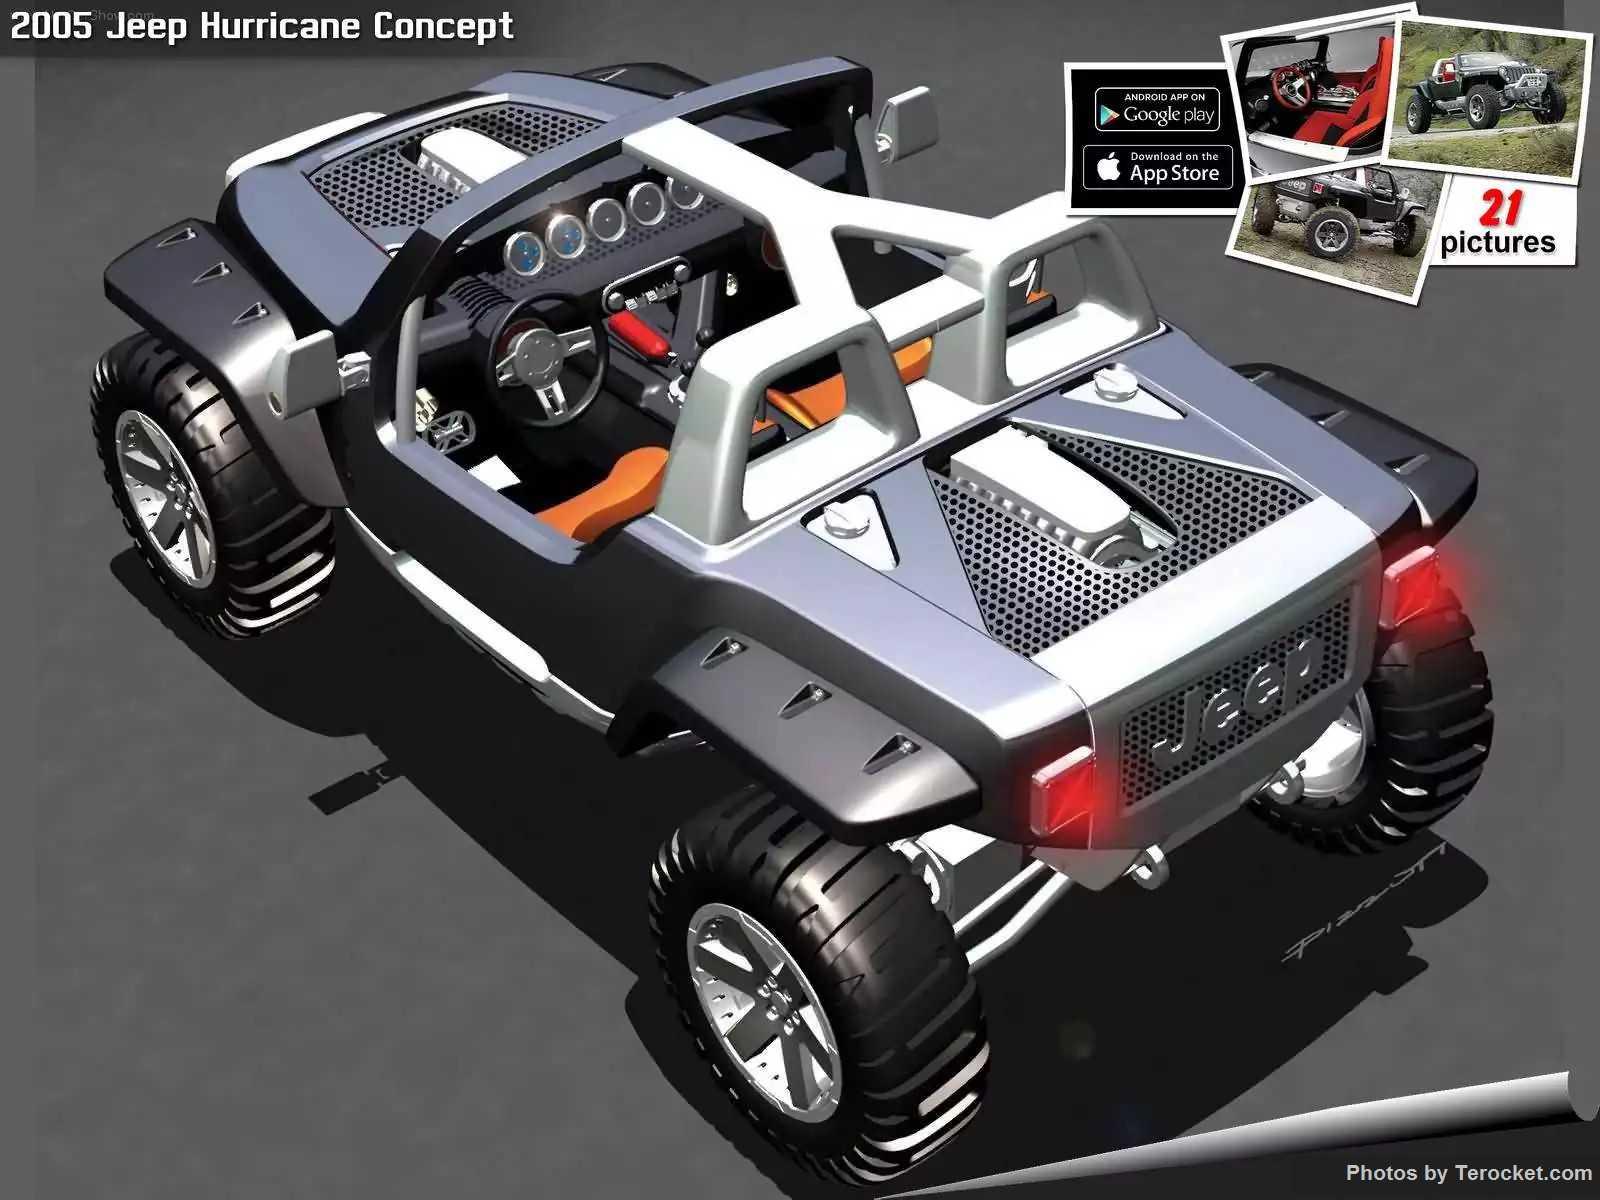 Hình ảnh xe ô tô Jeep Hurricane Concept 2005 & nội ngoại thất